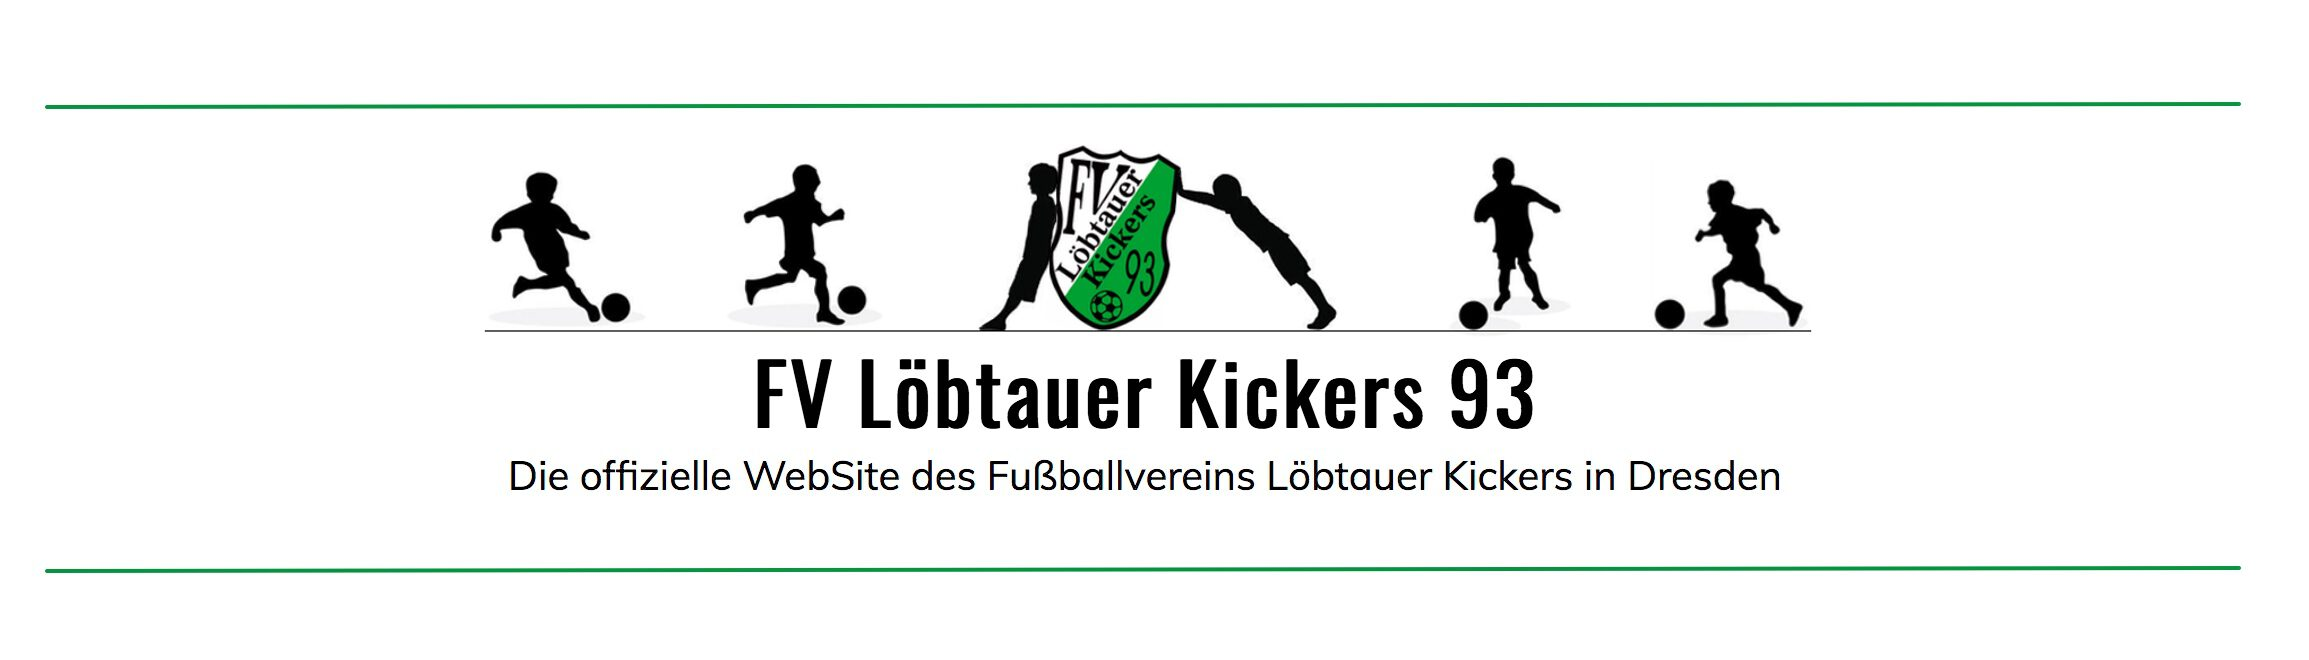 FV Löbtauer Kickers 93